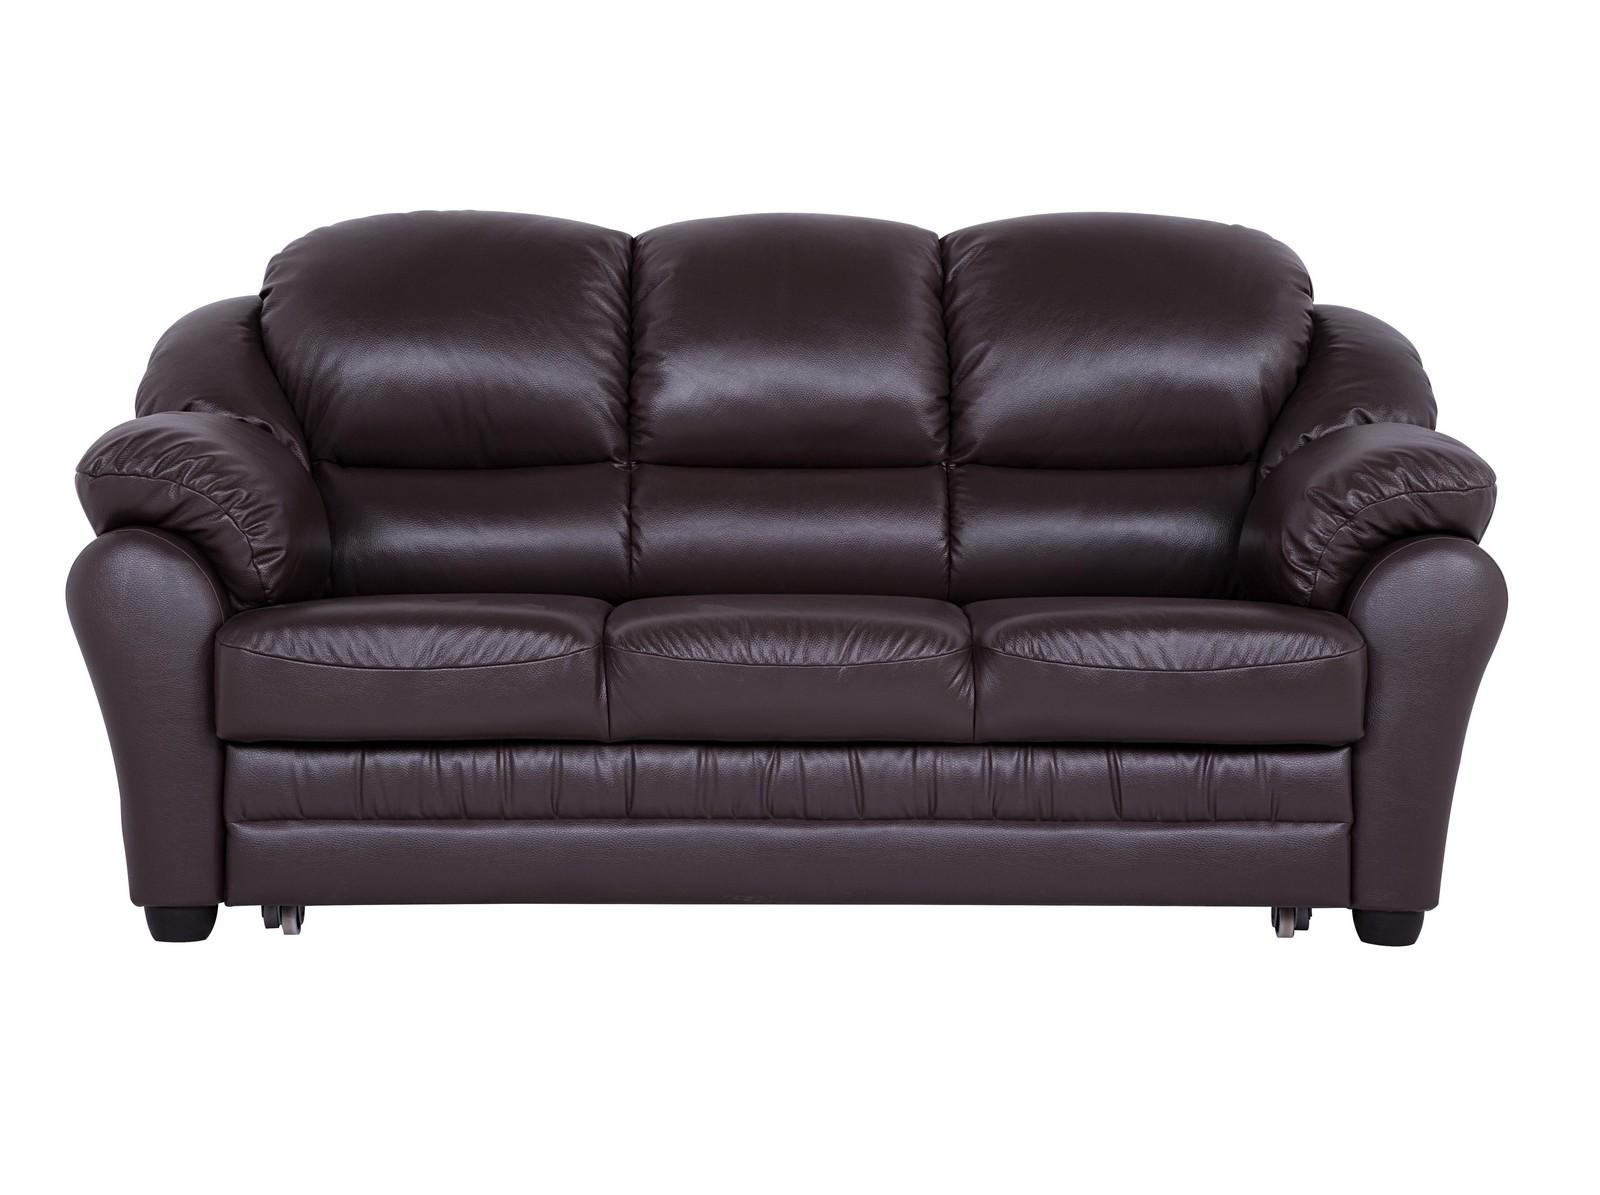 Диван-кровать БергКожаные диваны<br>&amp;lt;div&amp;gt;Достаточно просто на секундочку присесть на этот диван и вставать с него вам не захочется! Каждая &amp;amp;nbsp;его линия создана, чтобы вы и ваши гости с комфортом провели время. Несмотря на объемные подлокотники и мягкую спинку, этот диван достатоно компактен. В разложенном состоянии он станет полноценной кроватью.&amp;lt;/div&amp;gt;&amp;lt;div&amp;gt;&amp;lt;br&amp;gt;&amp;lt;/div&amp;gt;&amp;lt;div&amp;gt;Материал обивки: микрофибра.&amp;lt;/div&amp;gt;&amp;lt;div&amp;gt;Размер спального места: 196х142 см.&amp;lt;/div&amp;gt;<br><br>Material: Кожа<br>Width см: 196<br>Depth см: 91<br>Height см: 102